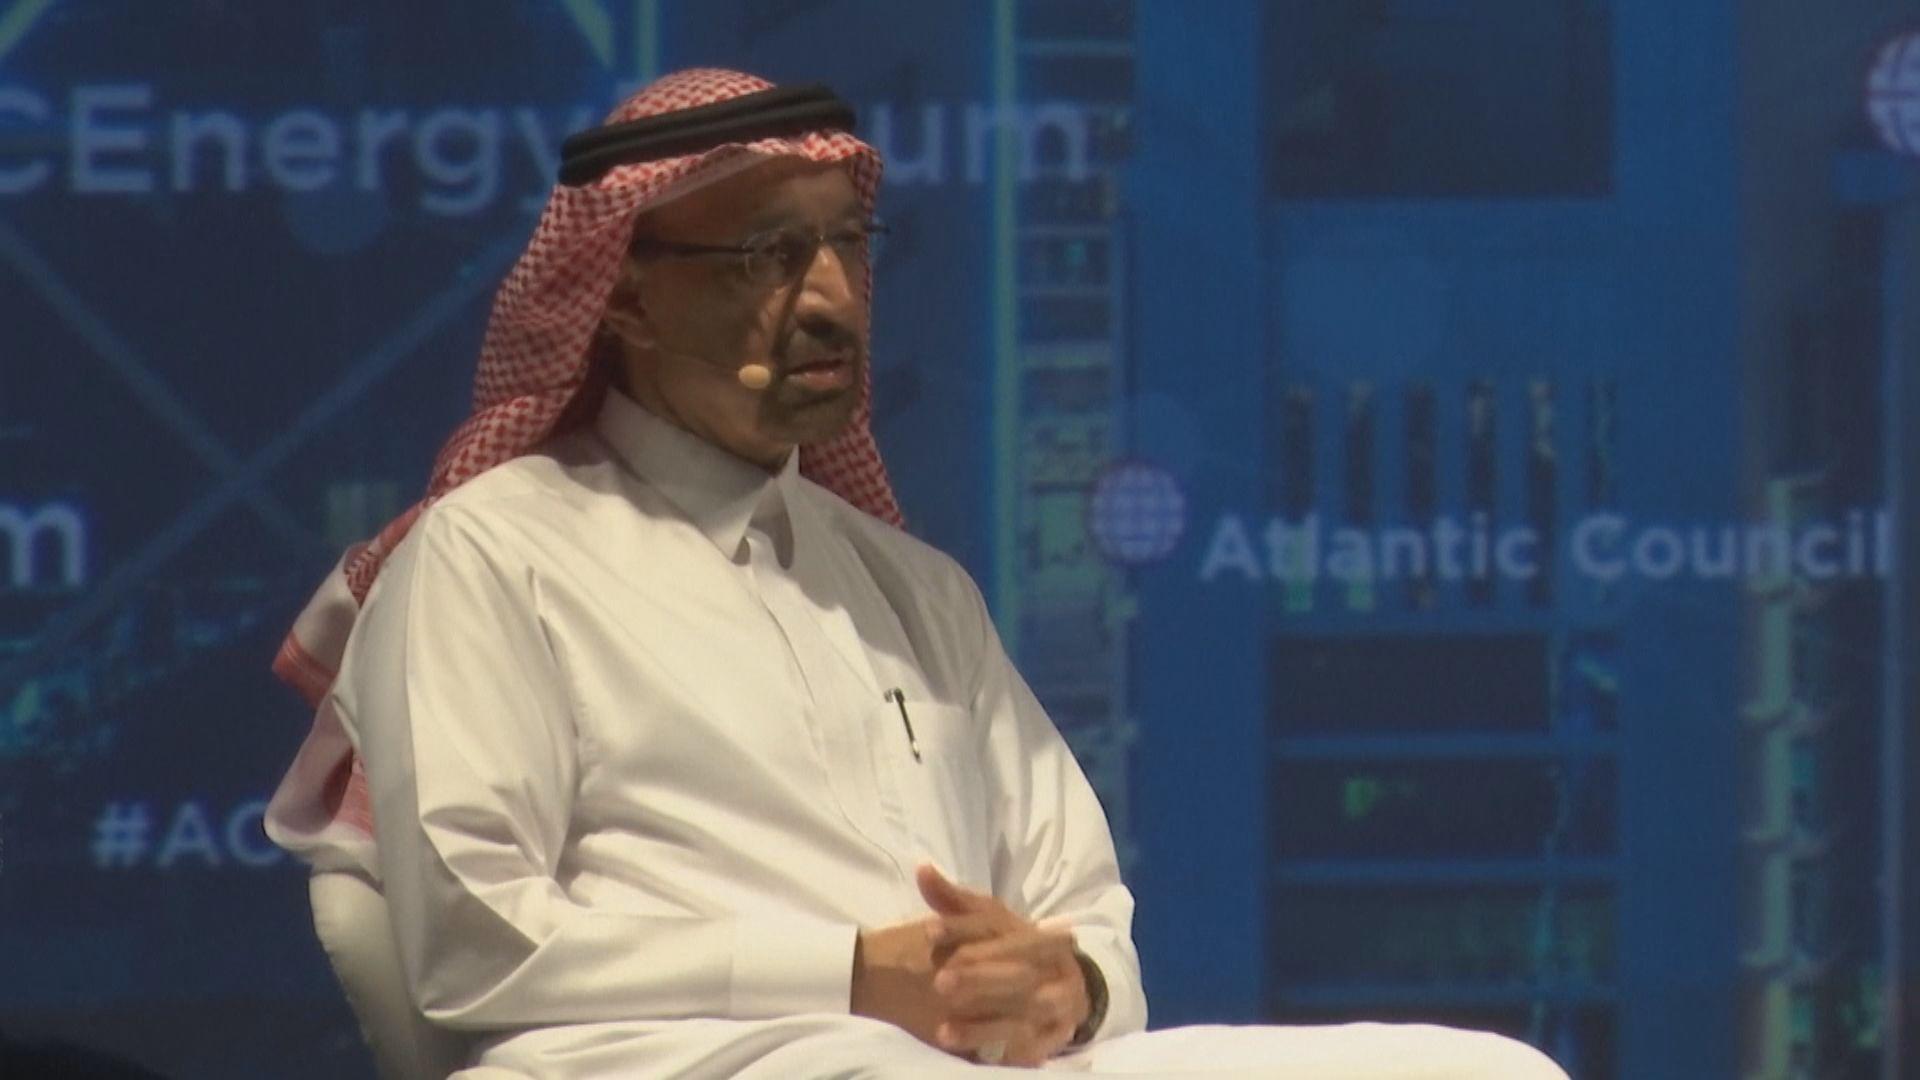 沙特:產油國需採取行動限制油價波動